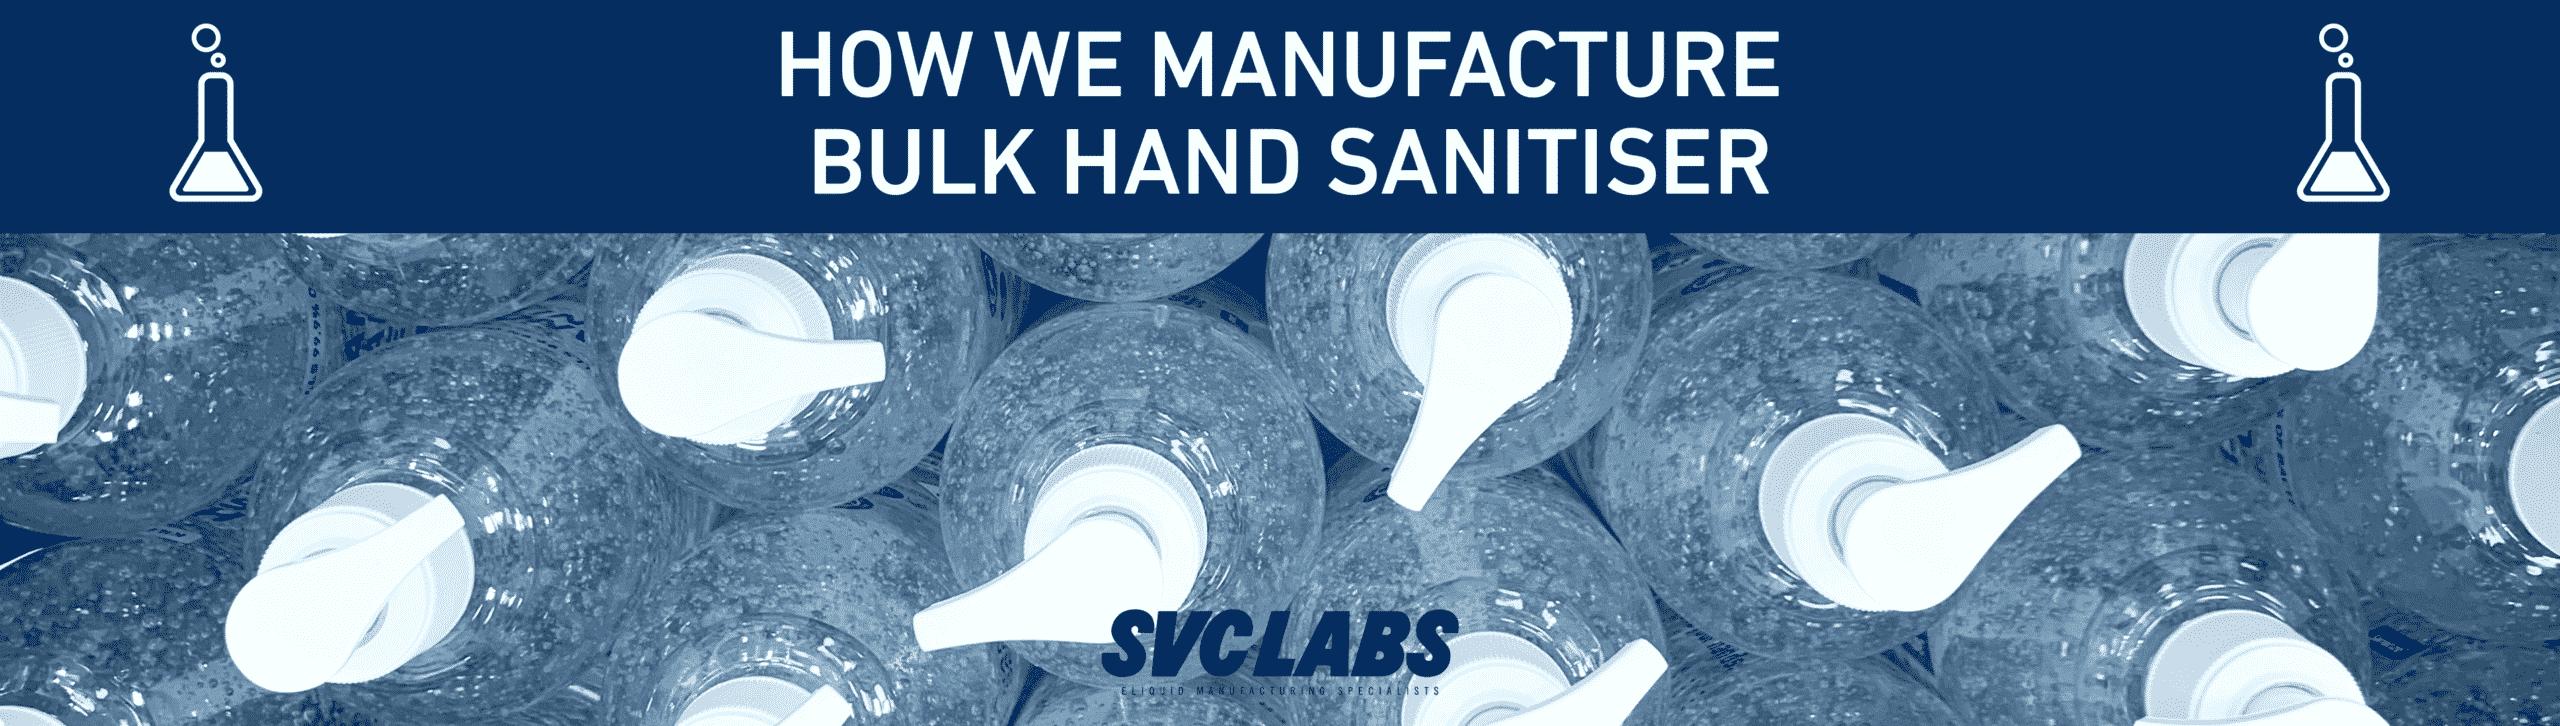 manufacturer bulk hand sanitiser